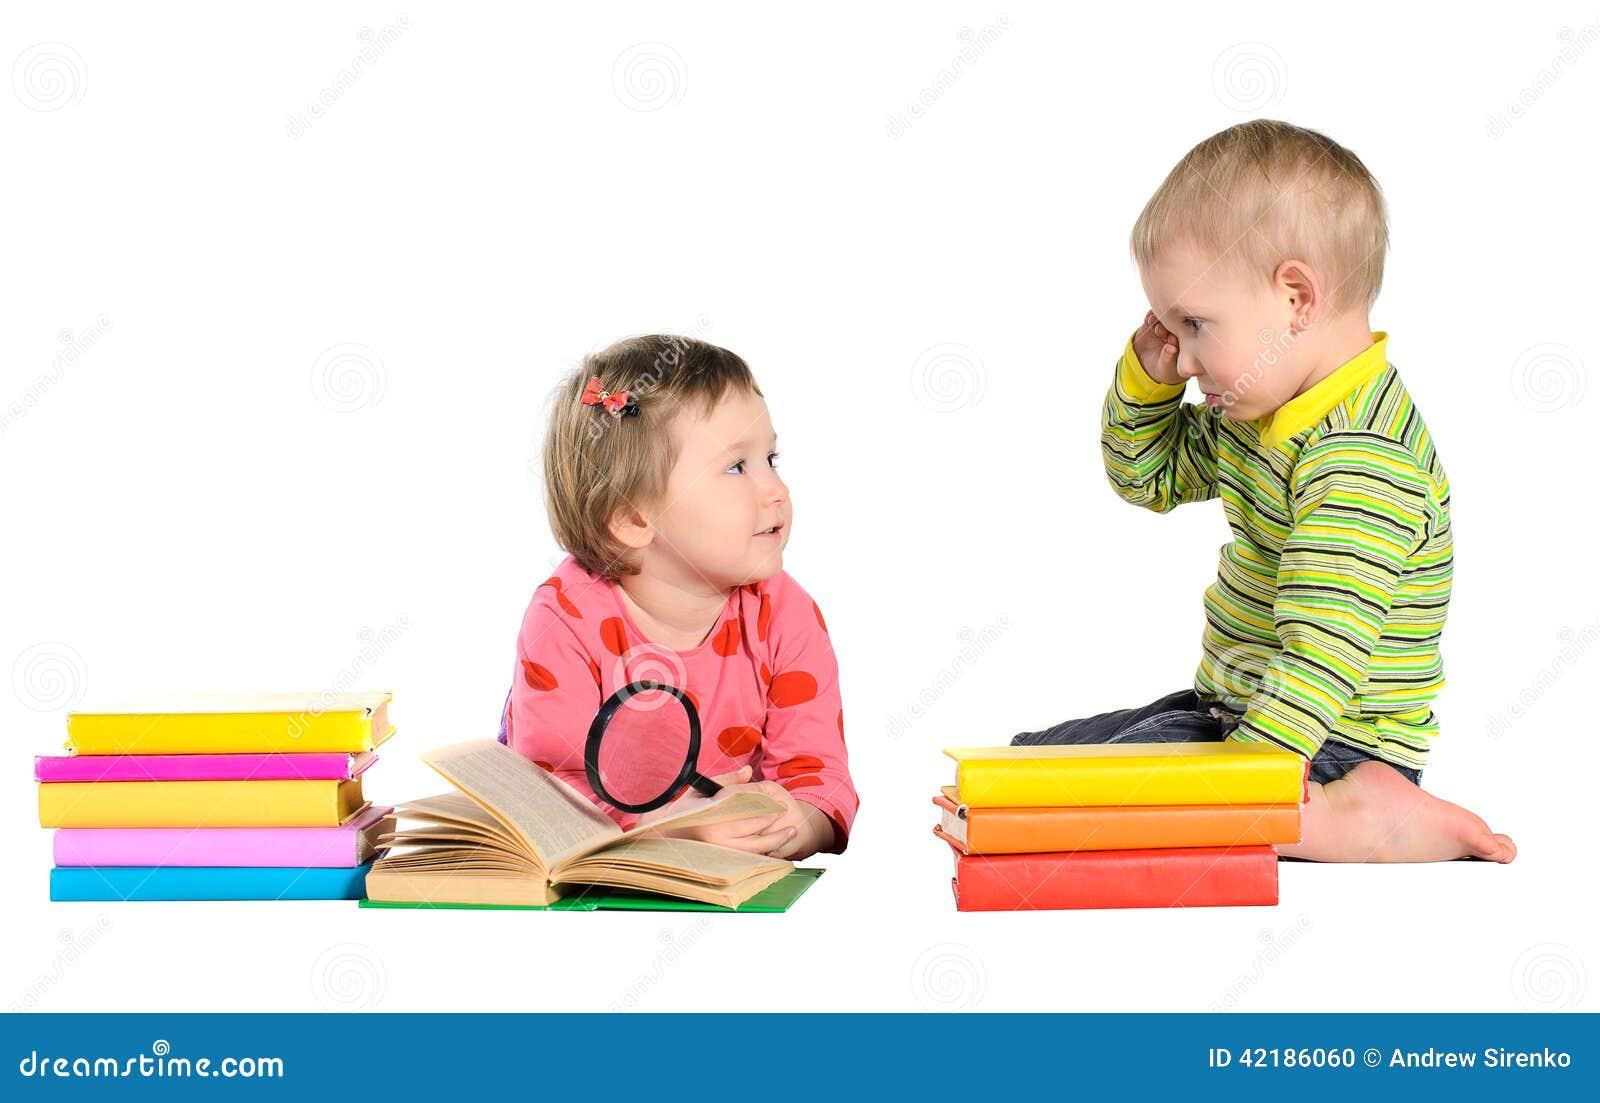 Liten flicka och pojke med böcker